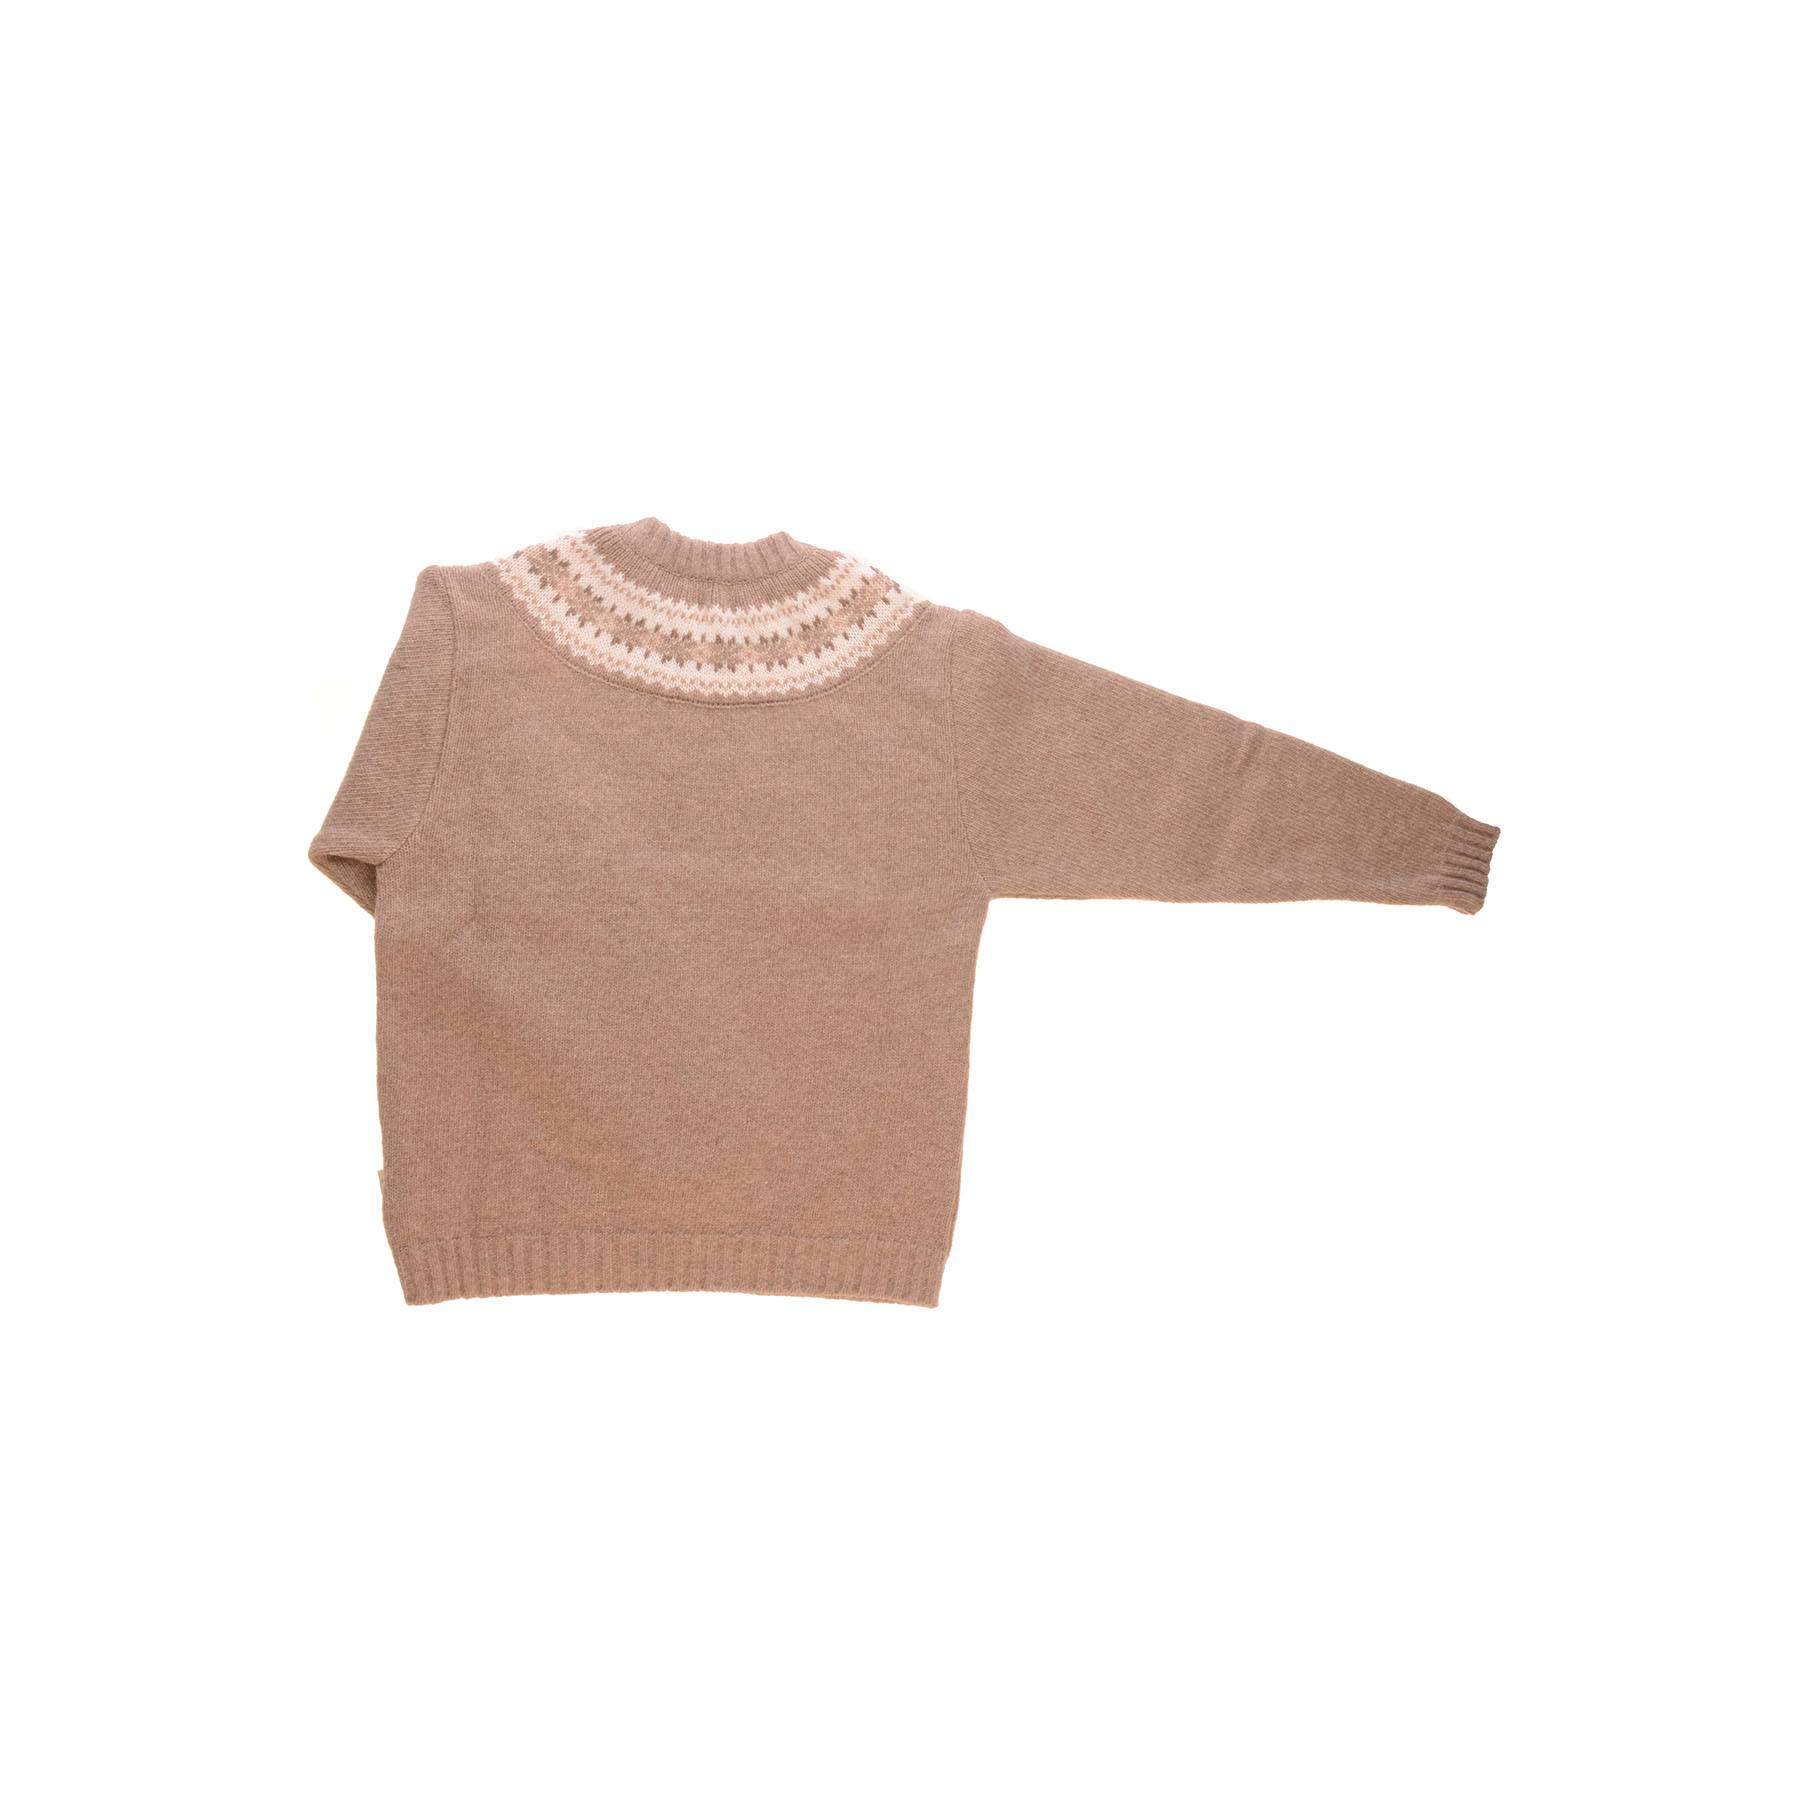 Sweater i uld fra Alerin. Cappucino sweater med mønster ved hals. Bagside